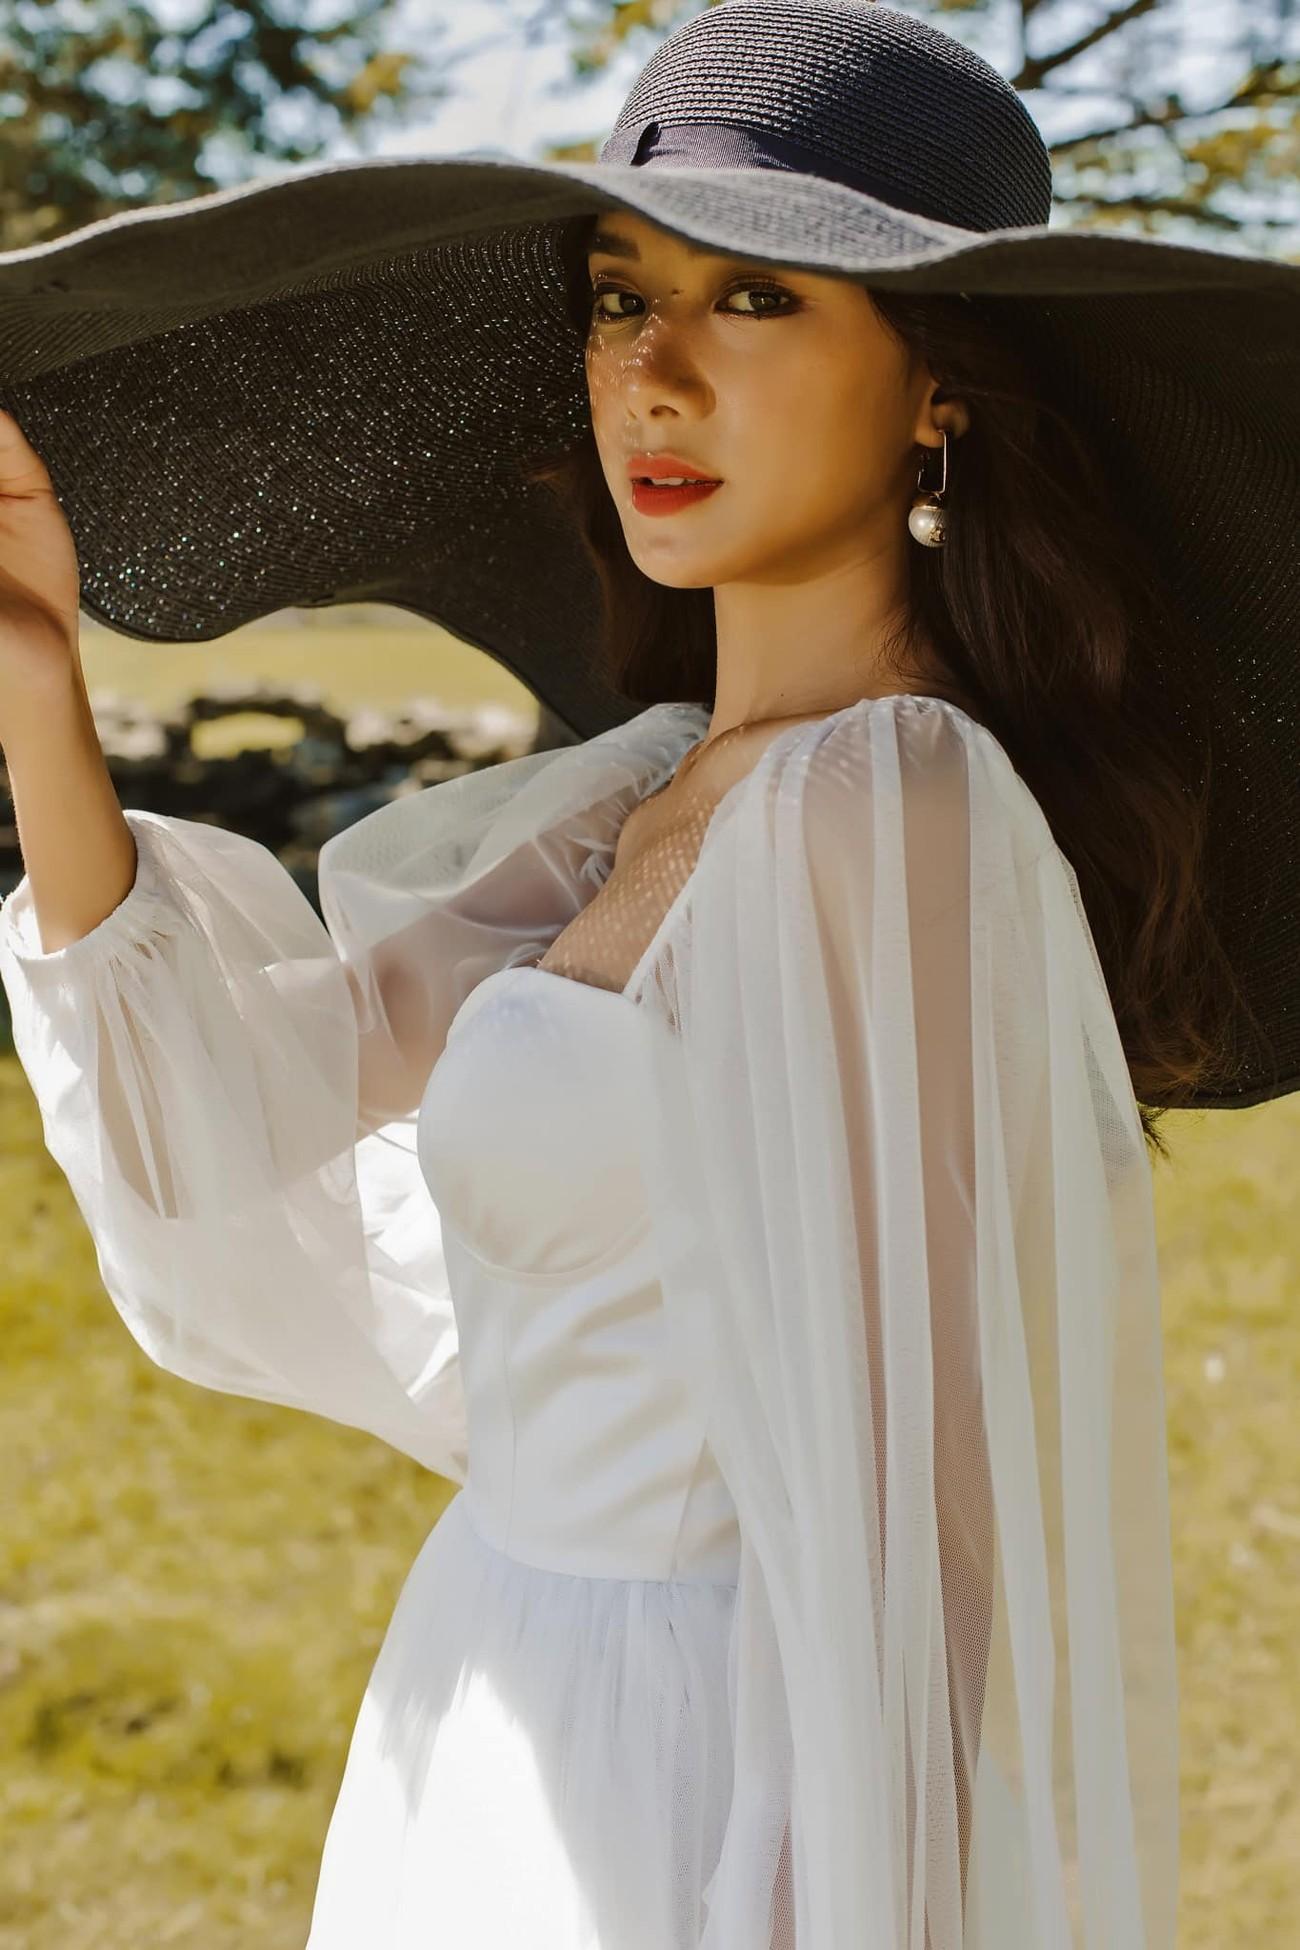 Người đẹp Cẩm Đan kiêu kỳ, Minh Anh xinh đẹp tựa nữ thần ảnh 4